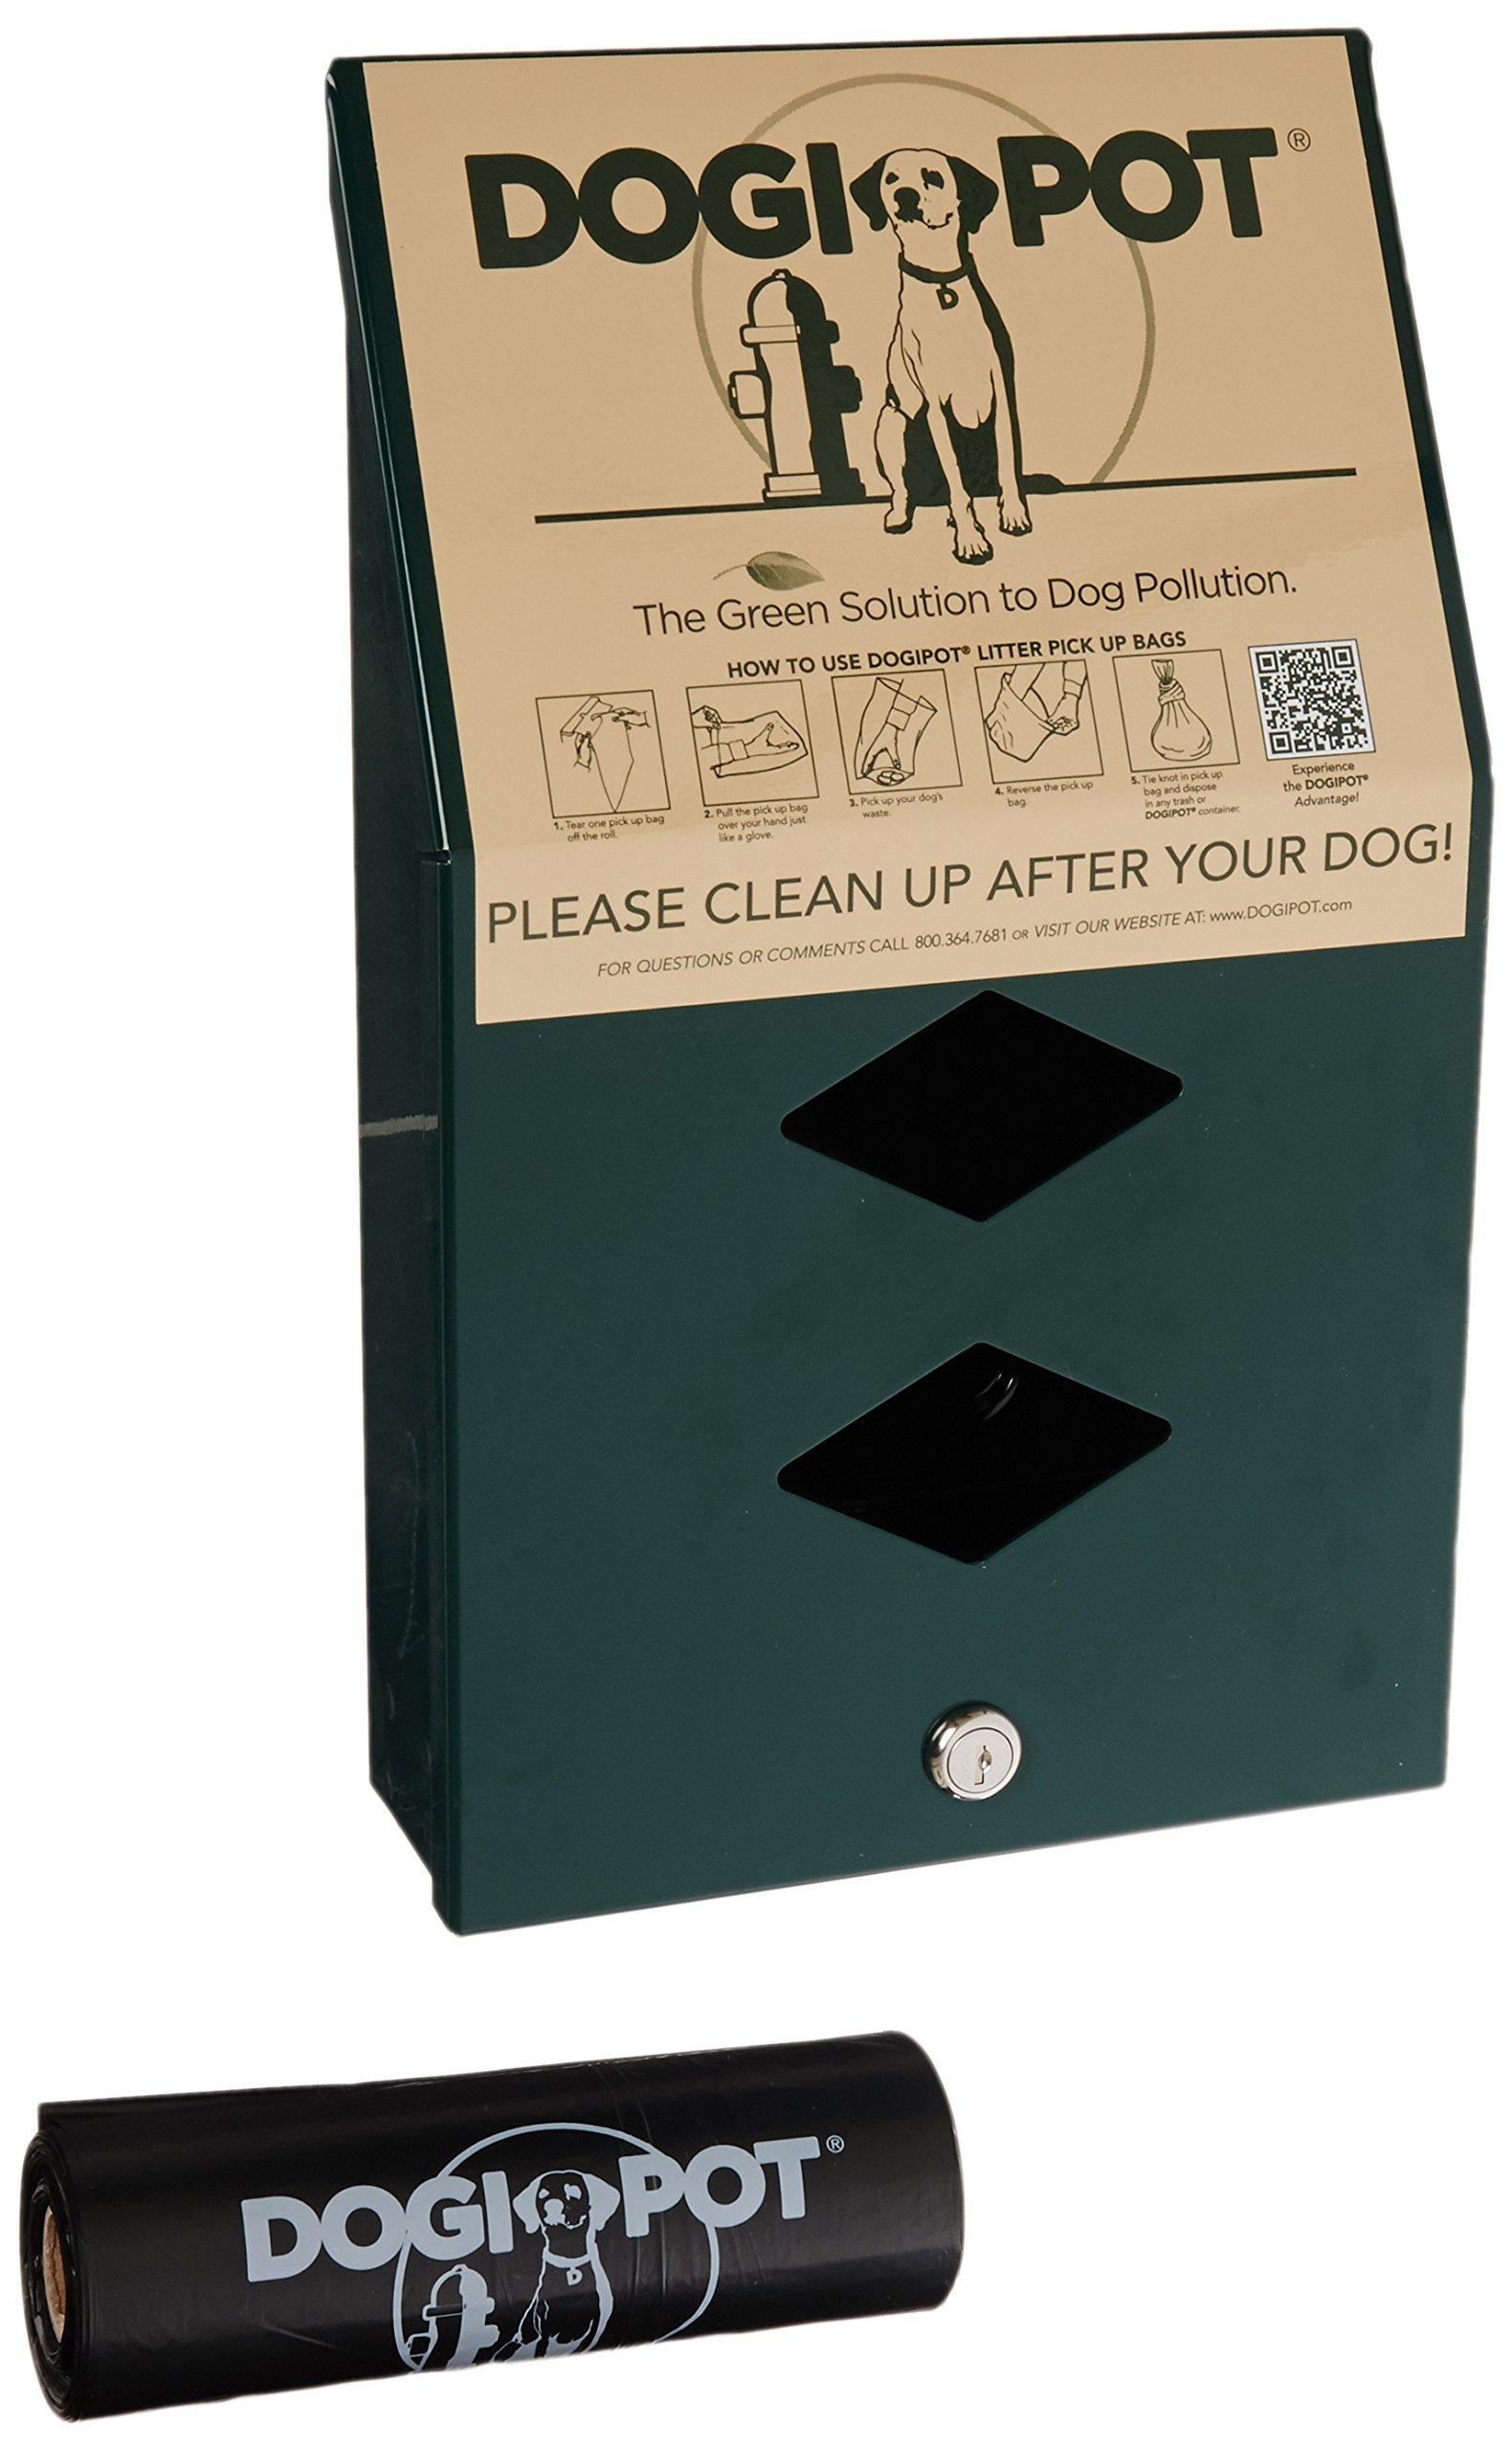 DOGIPOT 1002-2 Junior Bag Dispenser with Litter Bag Rolls, Aluminum, Forest Green